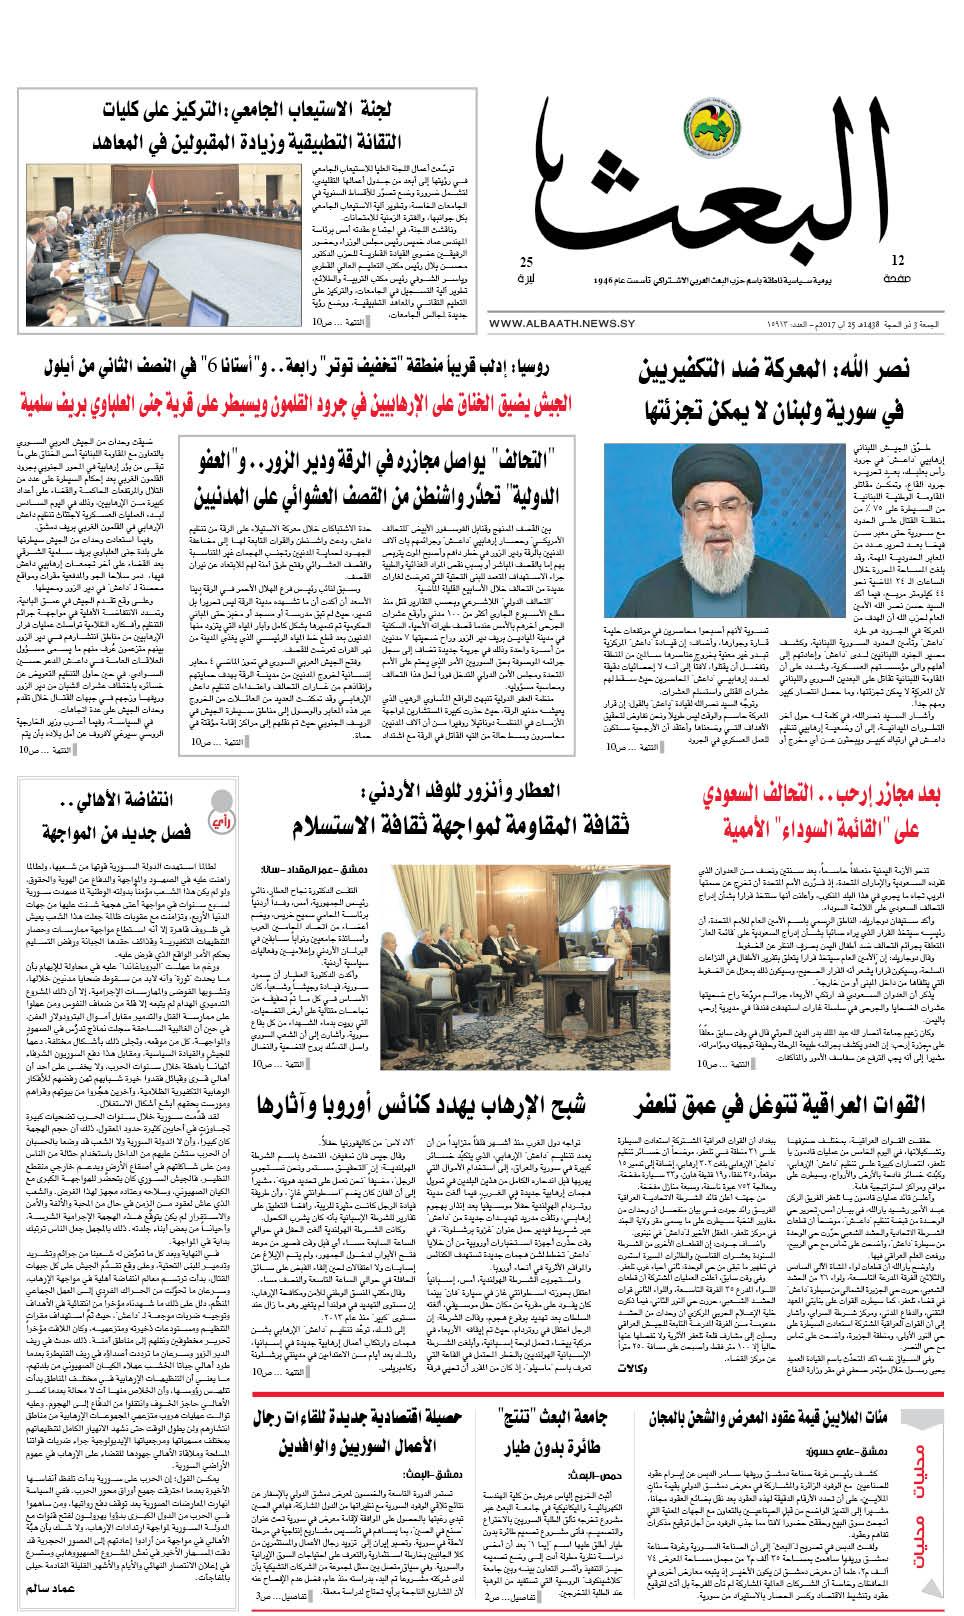 لتصفح العدد 15913 تاريخ 25-8-2017